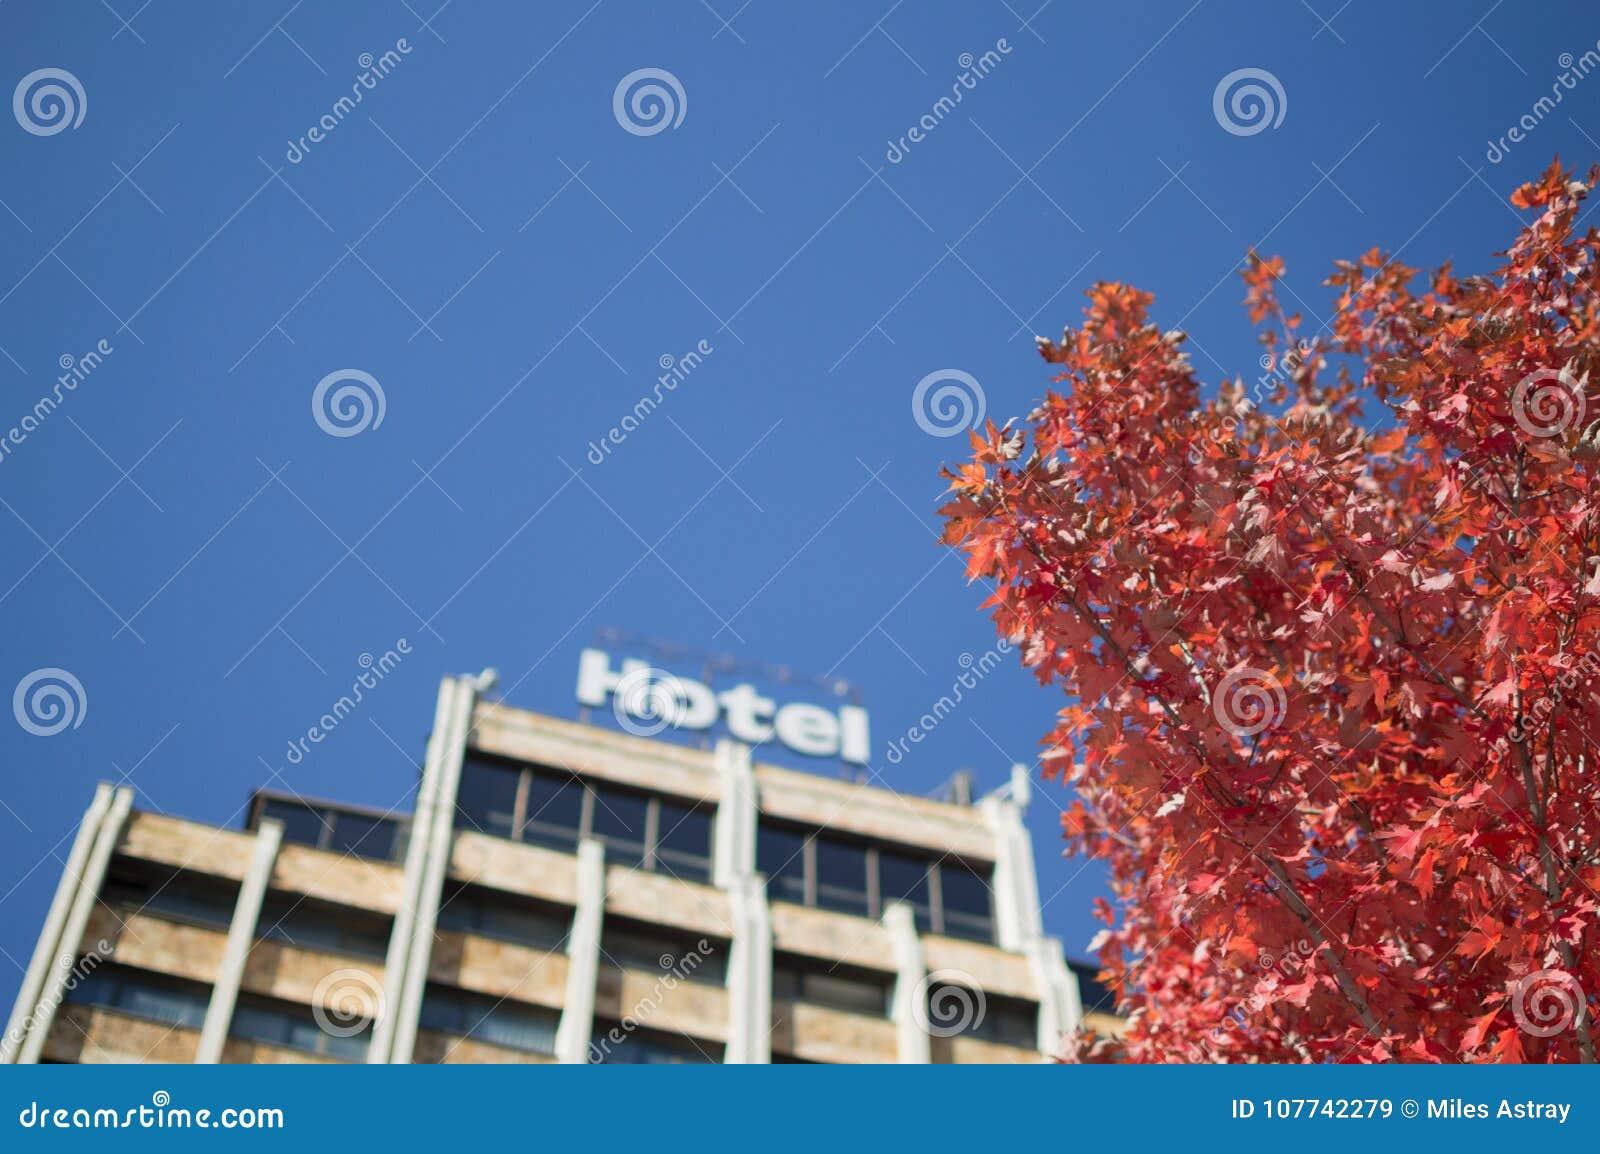 Hotel en Autumn Foliage in Pristina, Kosovo